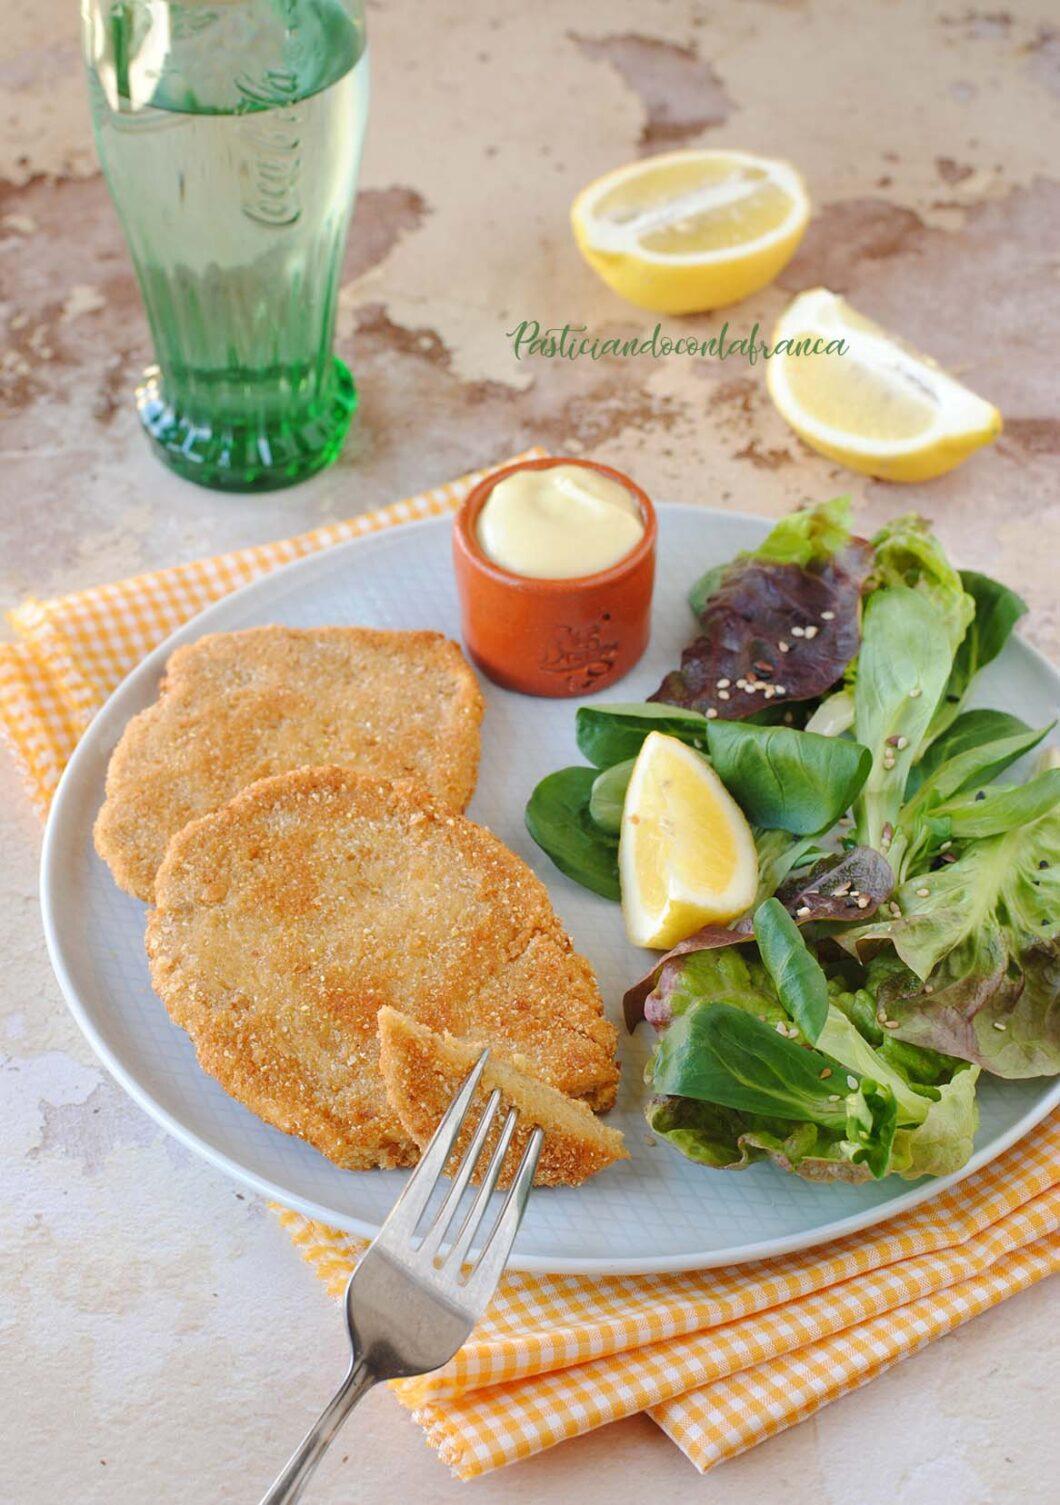 questa immagine rappresenta cotolette vegetali fatte in casa ricetta di pasticciandoconlafranca